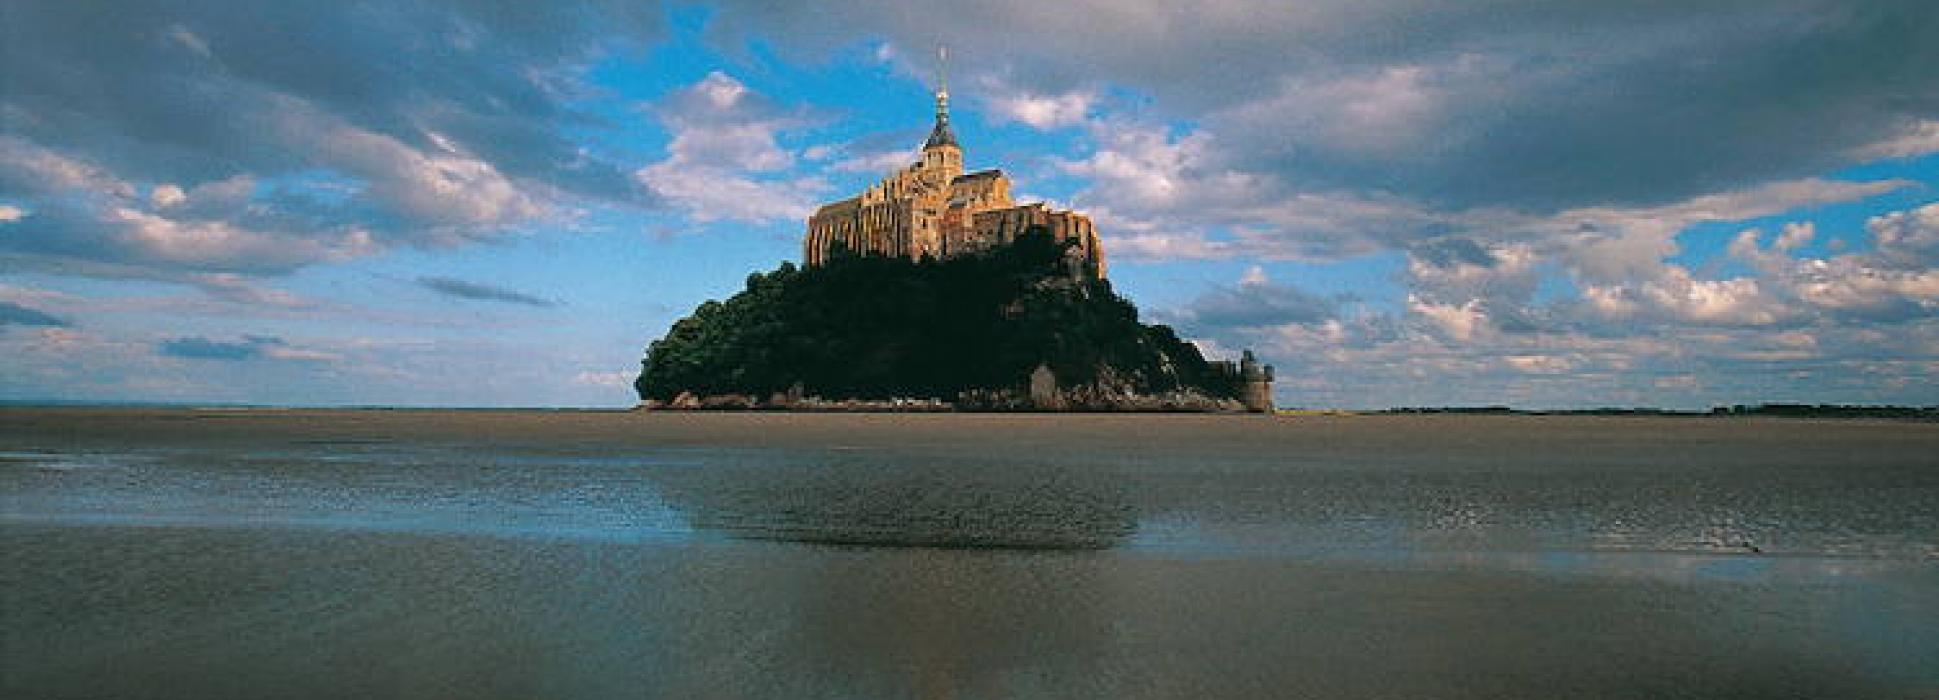 Los más bellos sitios normandos protegidos por la Unesco